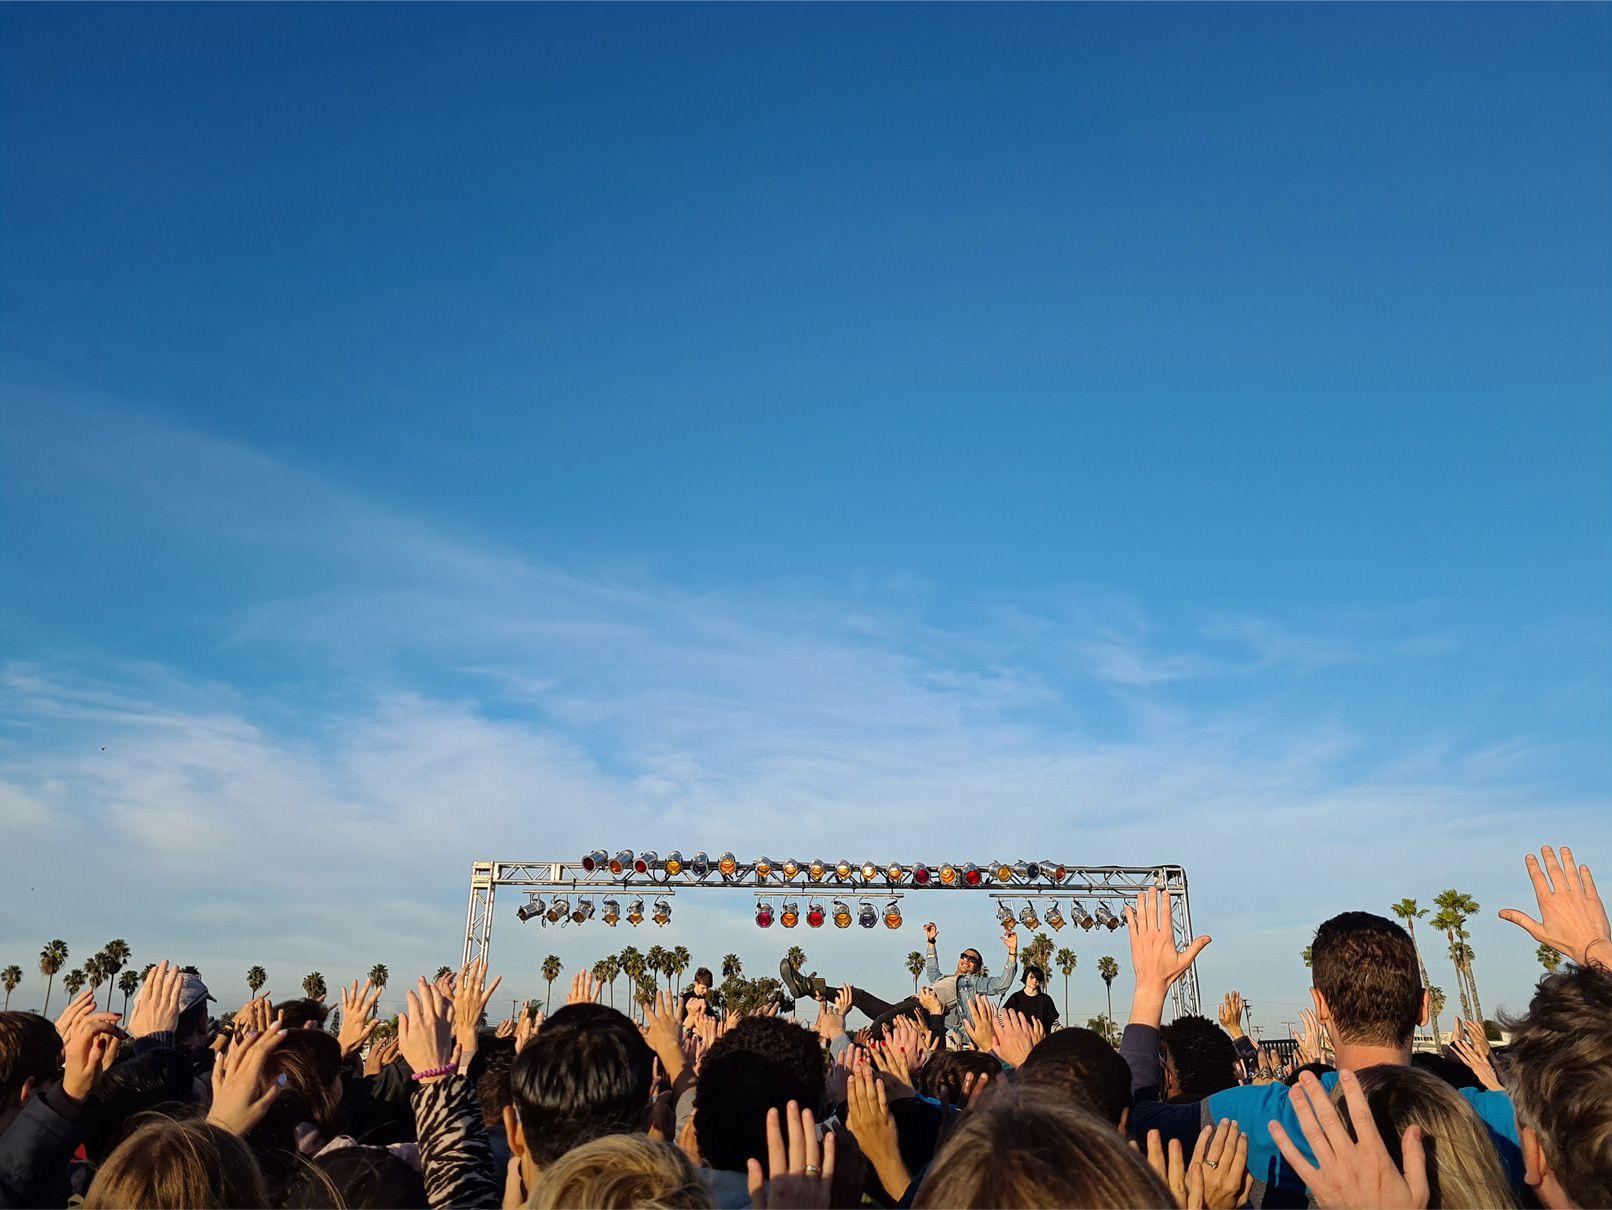 Ảnh chụp bởi Galaxy S20+ ở vị trí gần cuối của đám đông tại buổi ca nhạc ngoài trời. Khi phóng to bức ảnh, chúng tôi thấy khoảnh khắc hài hước của một người đàn ông đang lướt trên sân khấu, cho thấy cách ống kính Thu Phóng Chuẩn Không Gian Space Zoom cho phép bạn tìm thấy những khoảnh khắc mà bạn có thể đã bỏ lỡ.